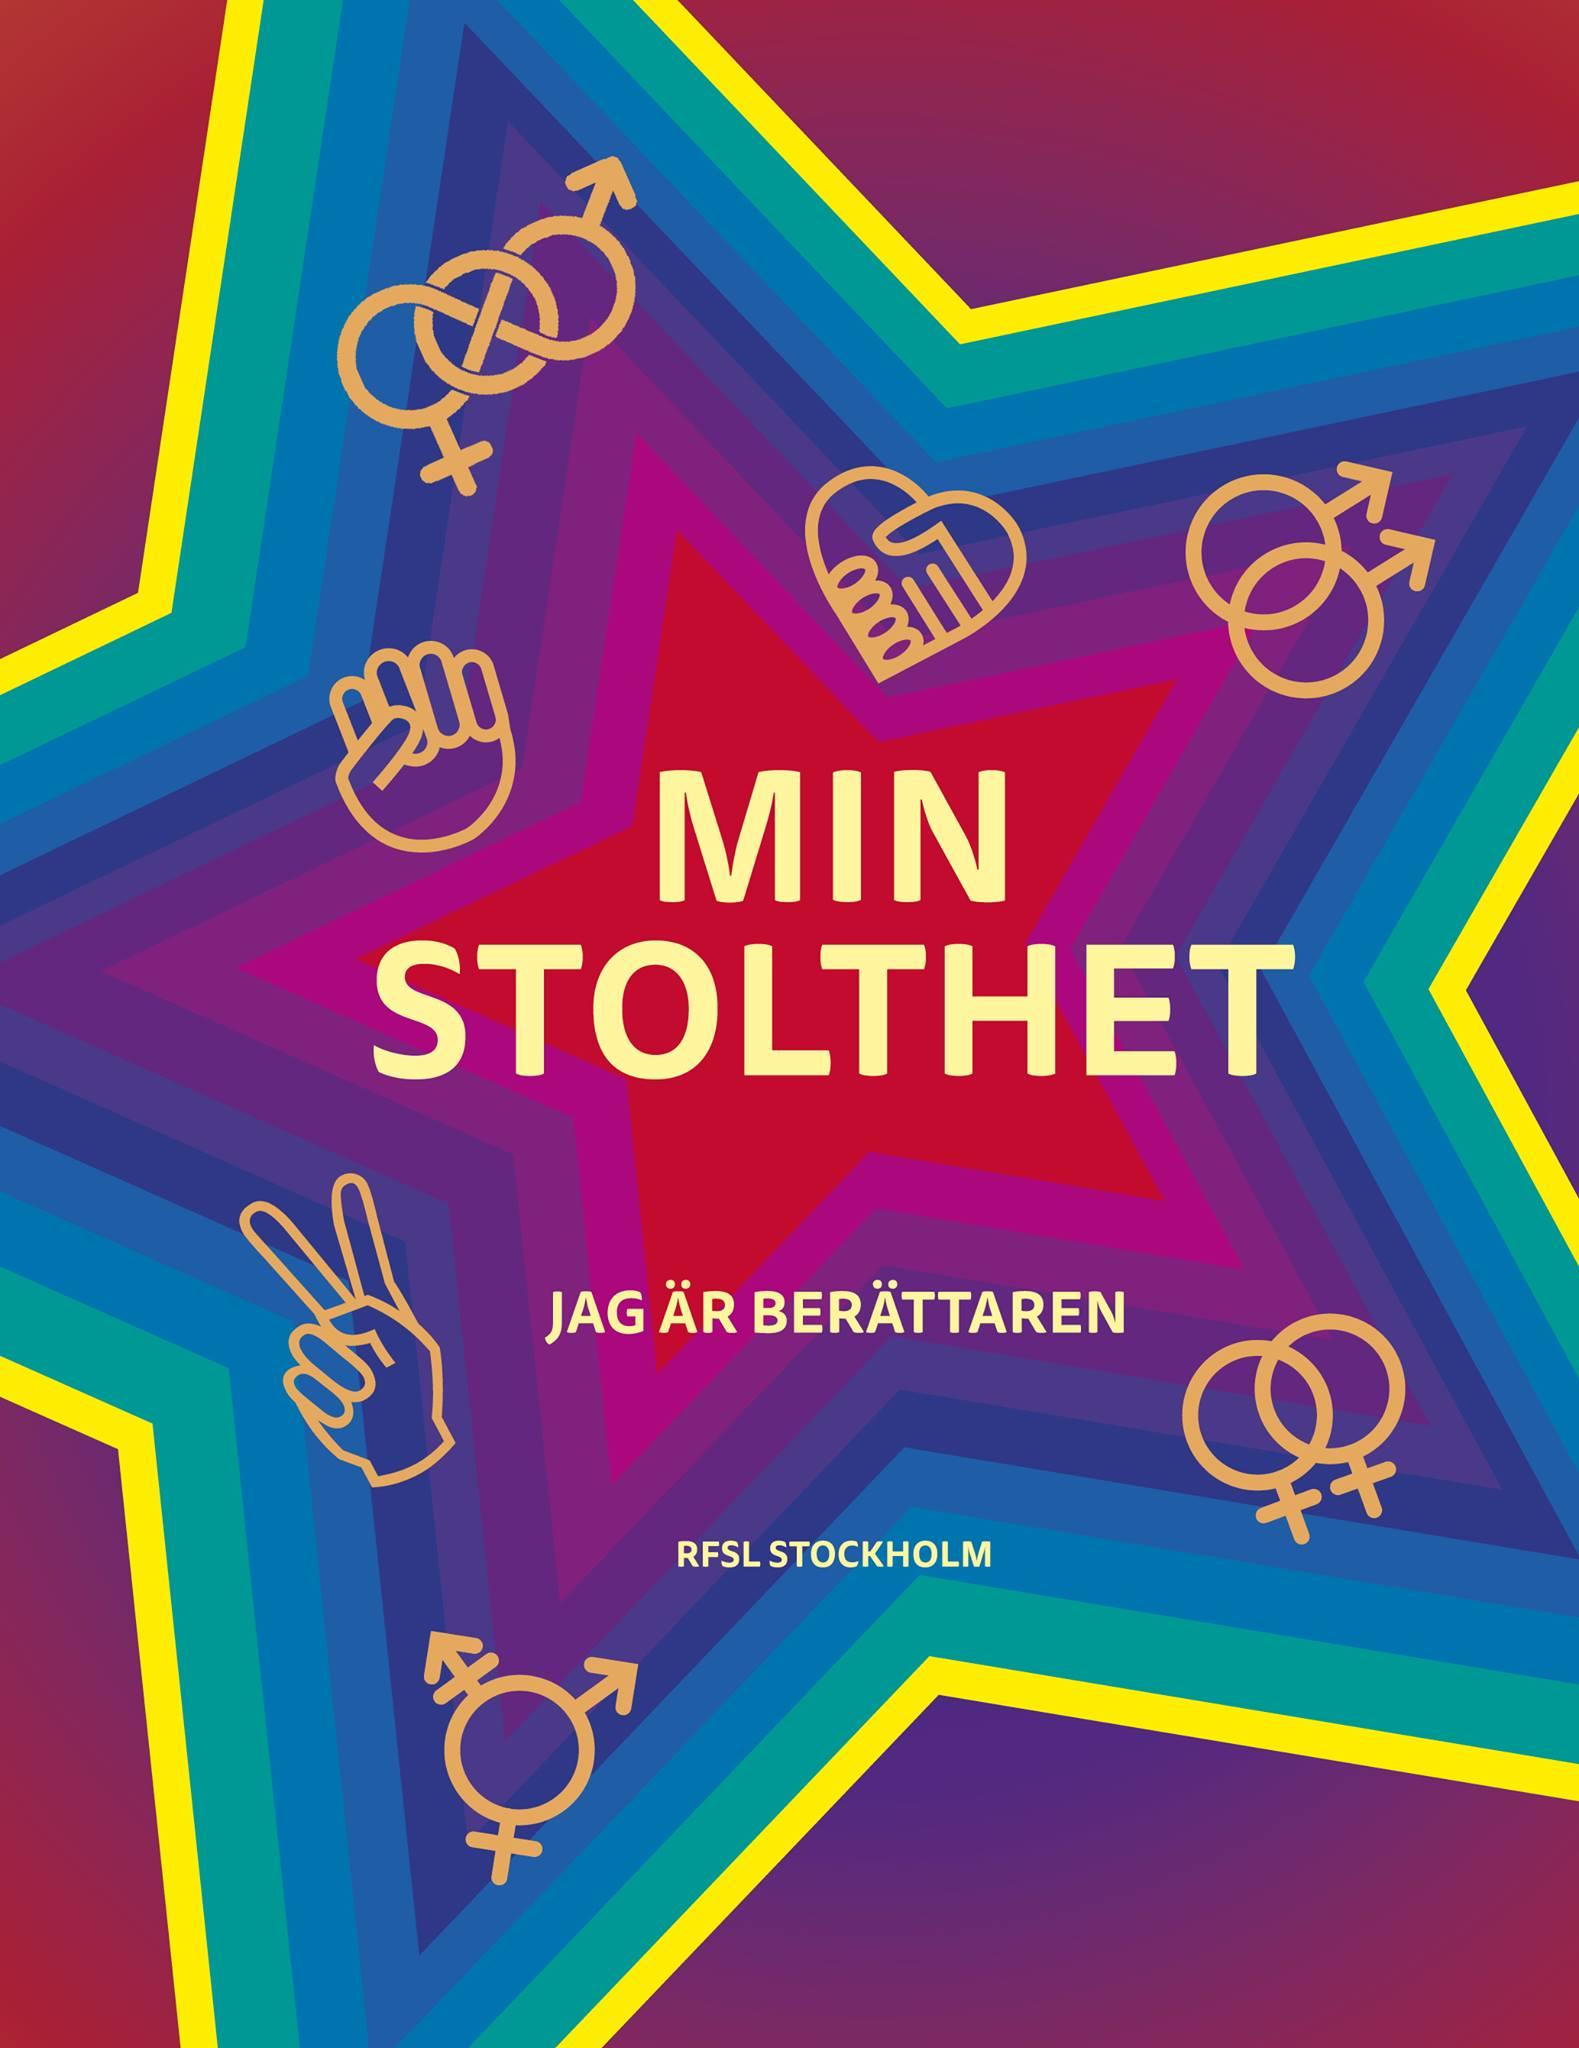 Min stolthet Jag är berättaren RFSL Stockholm